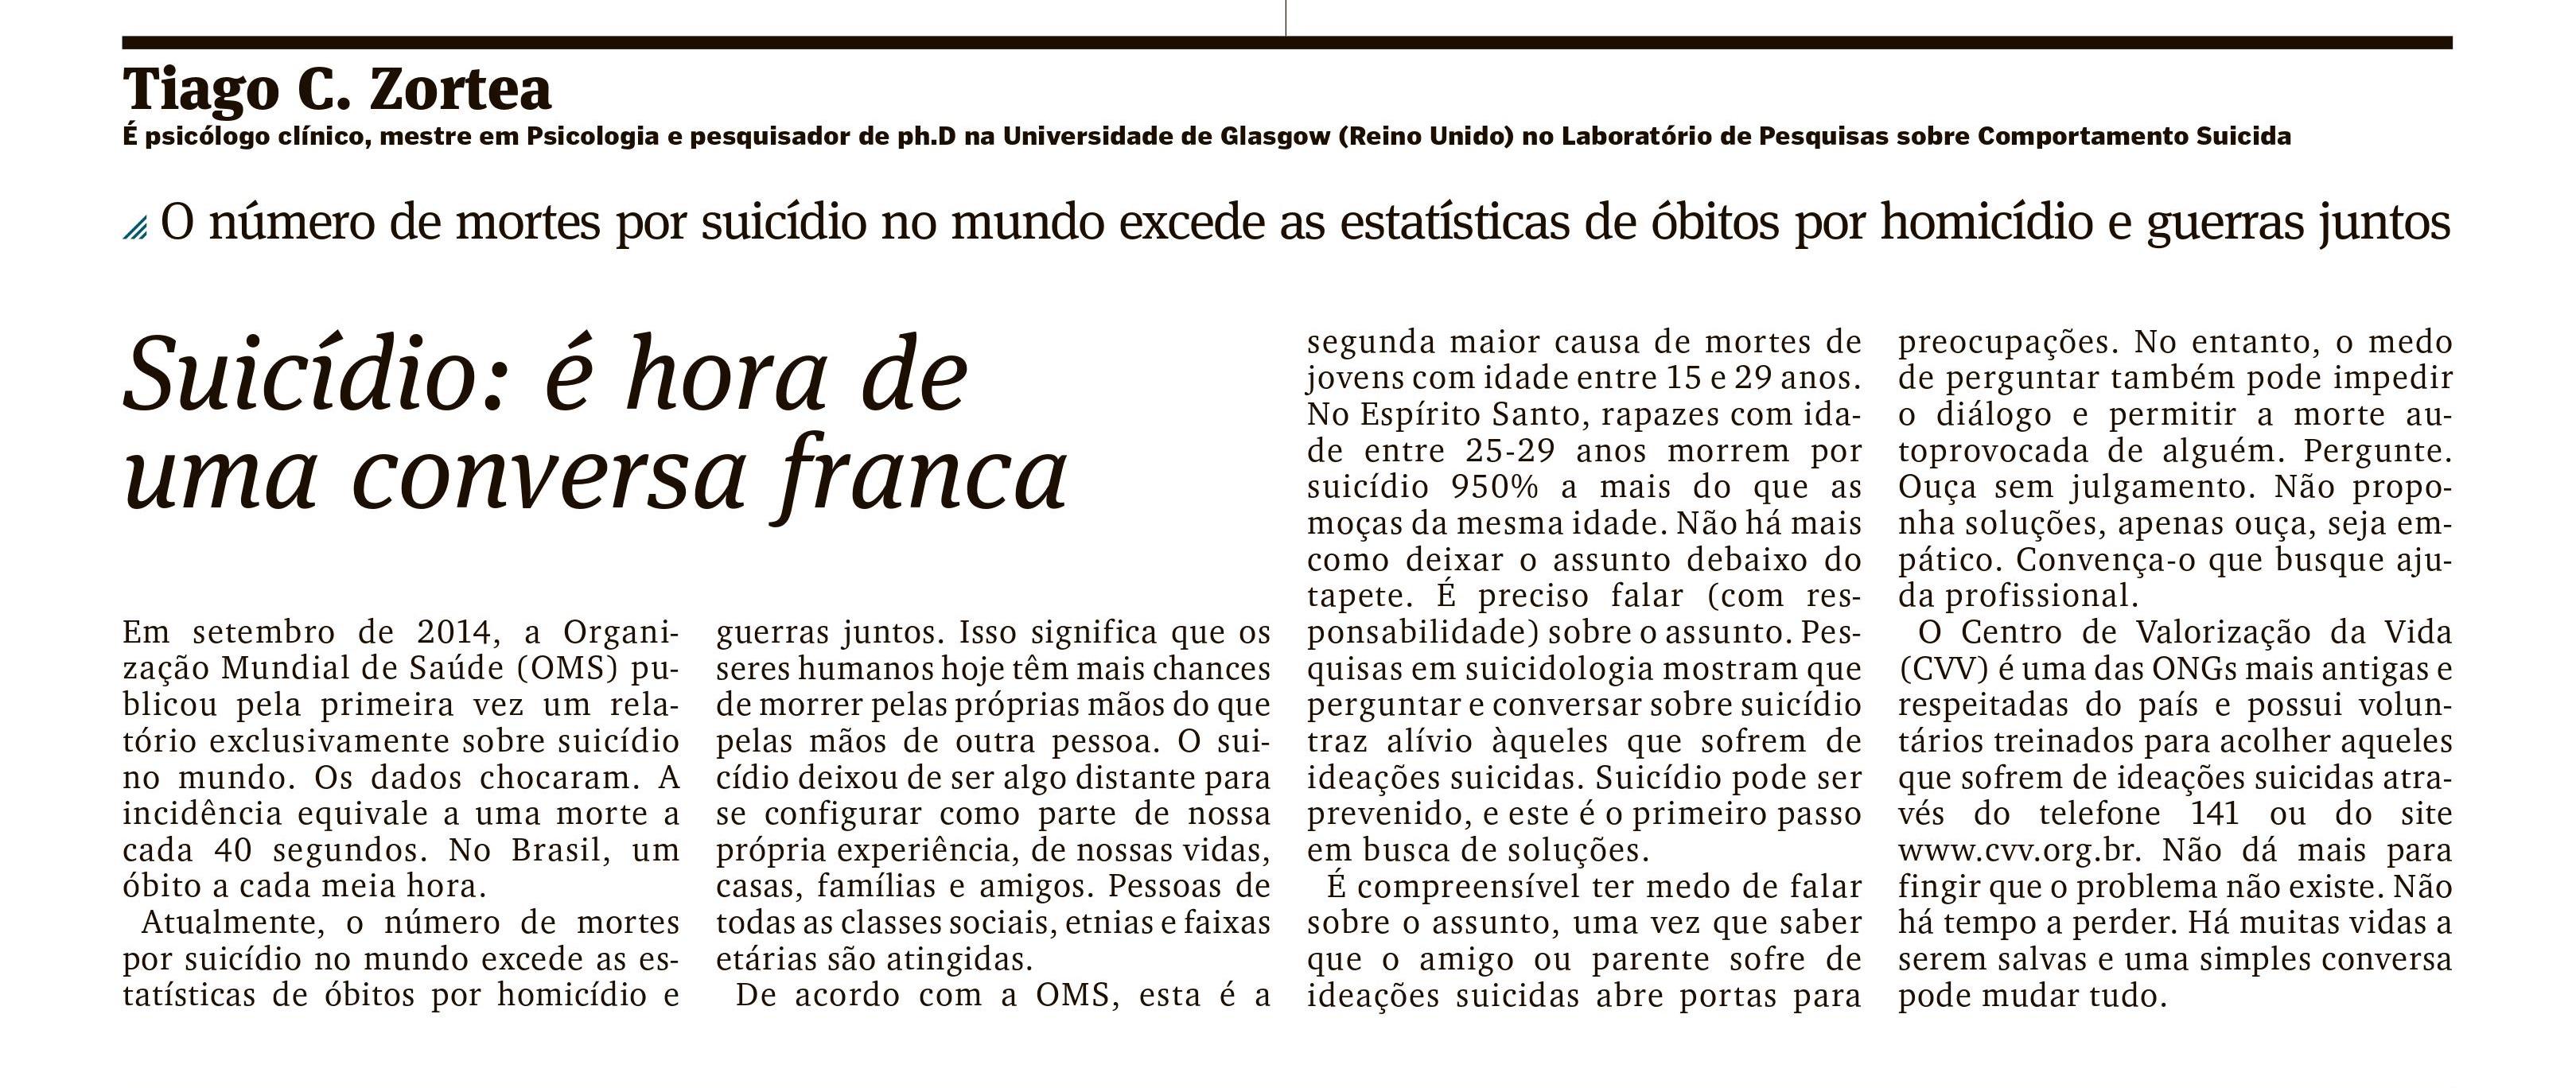 Suicídio é hora de uma conversa franca_AG_OPINIÃO_PÁG 23_08.04.2016